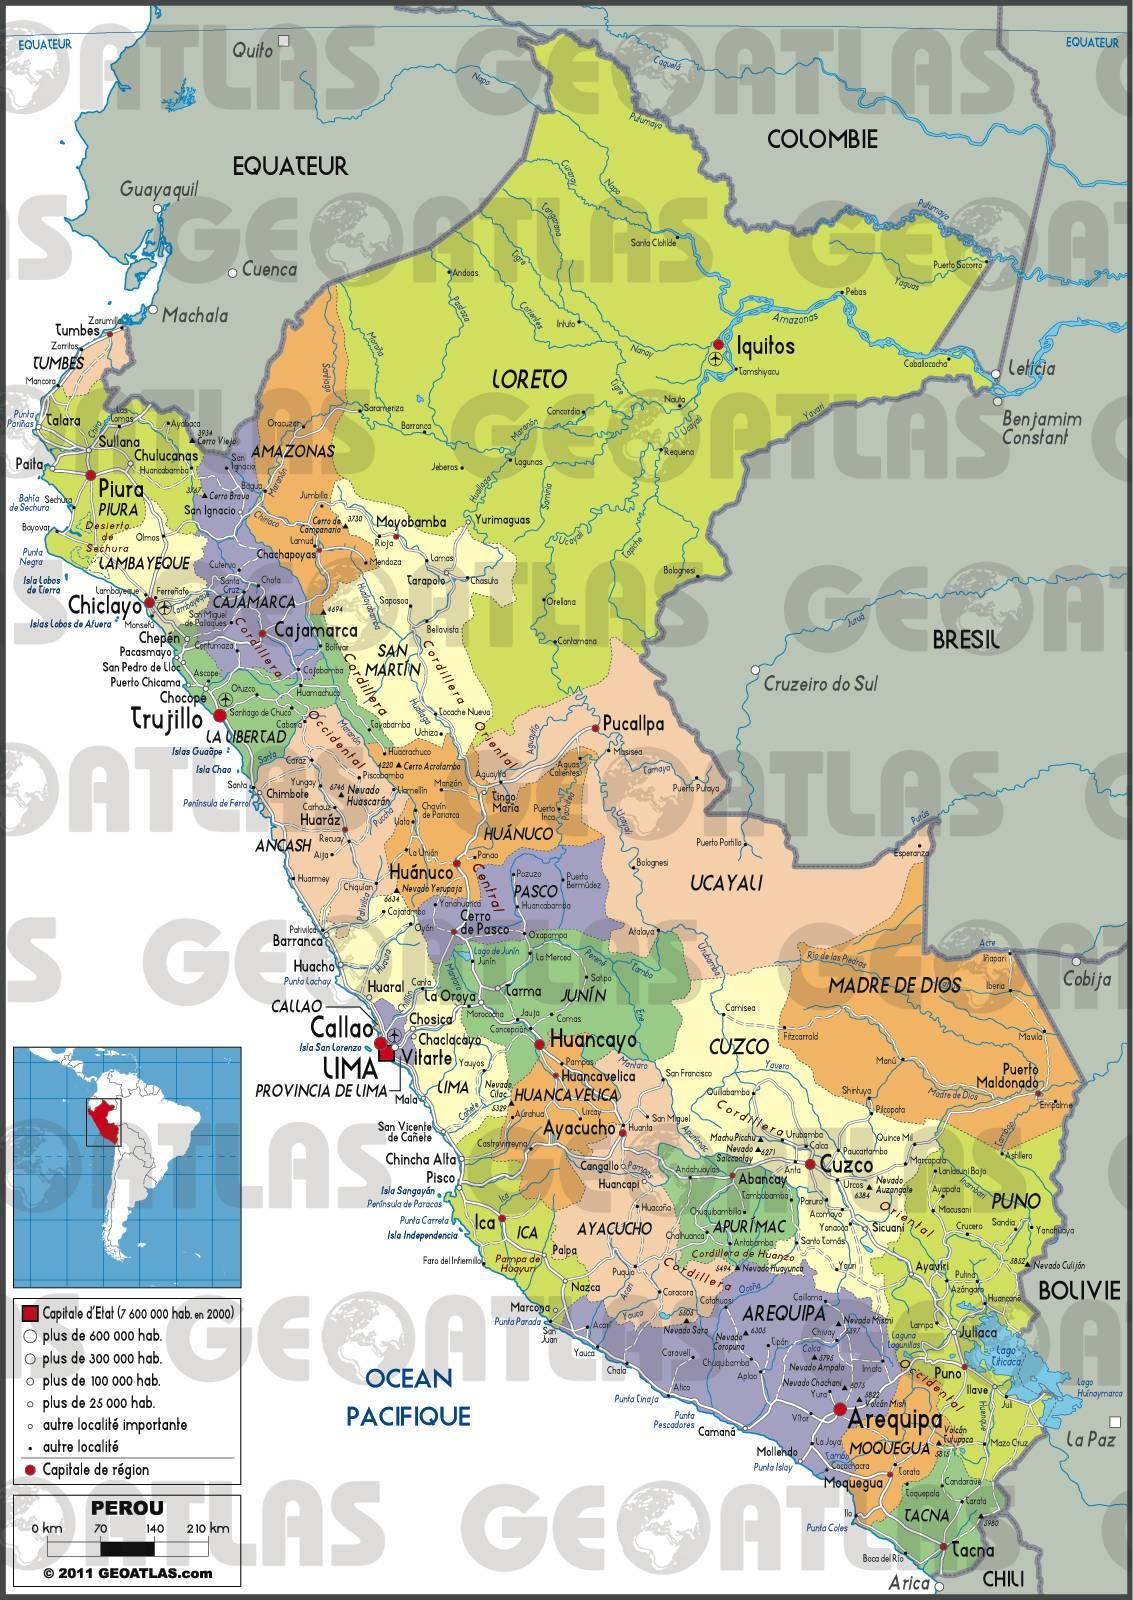 Carte du Pérou - Carte du pays en Amérique-du-Sud (villes, géographie...)